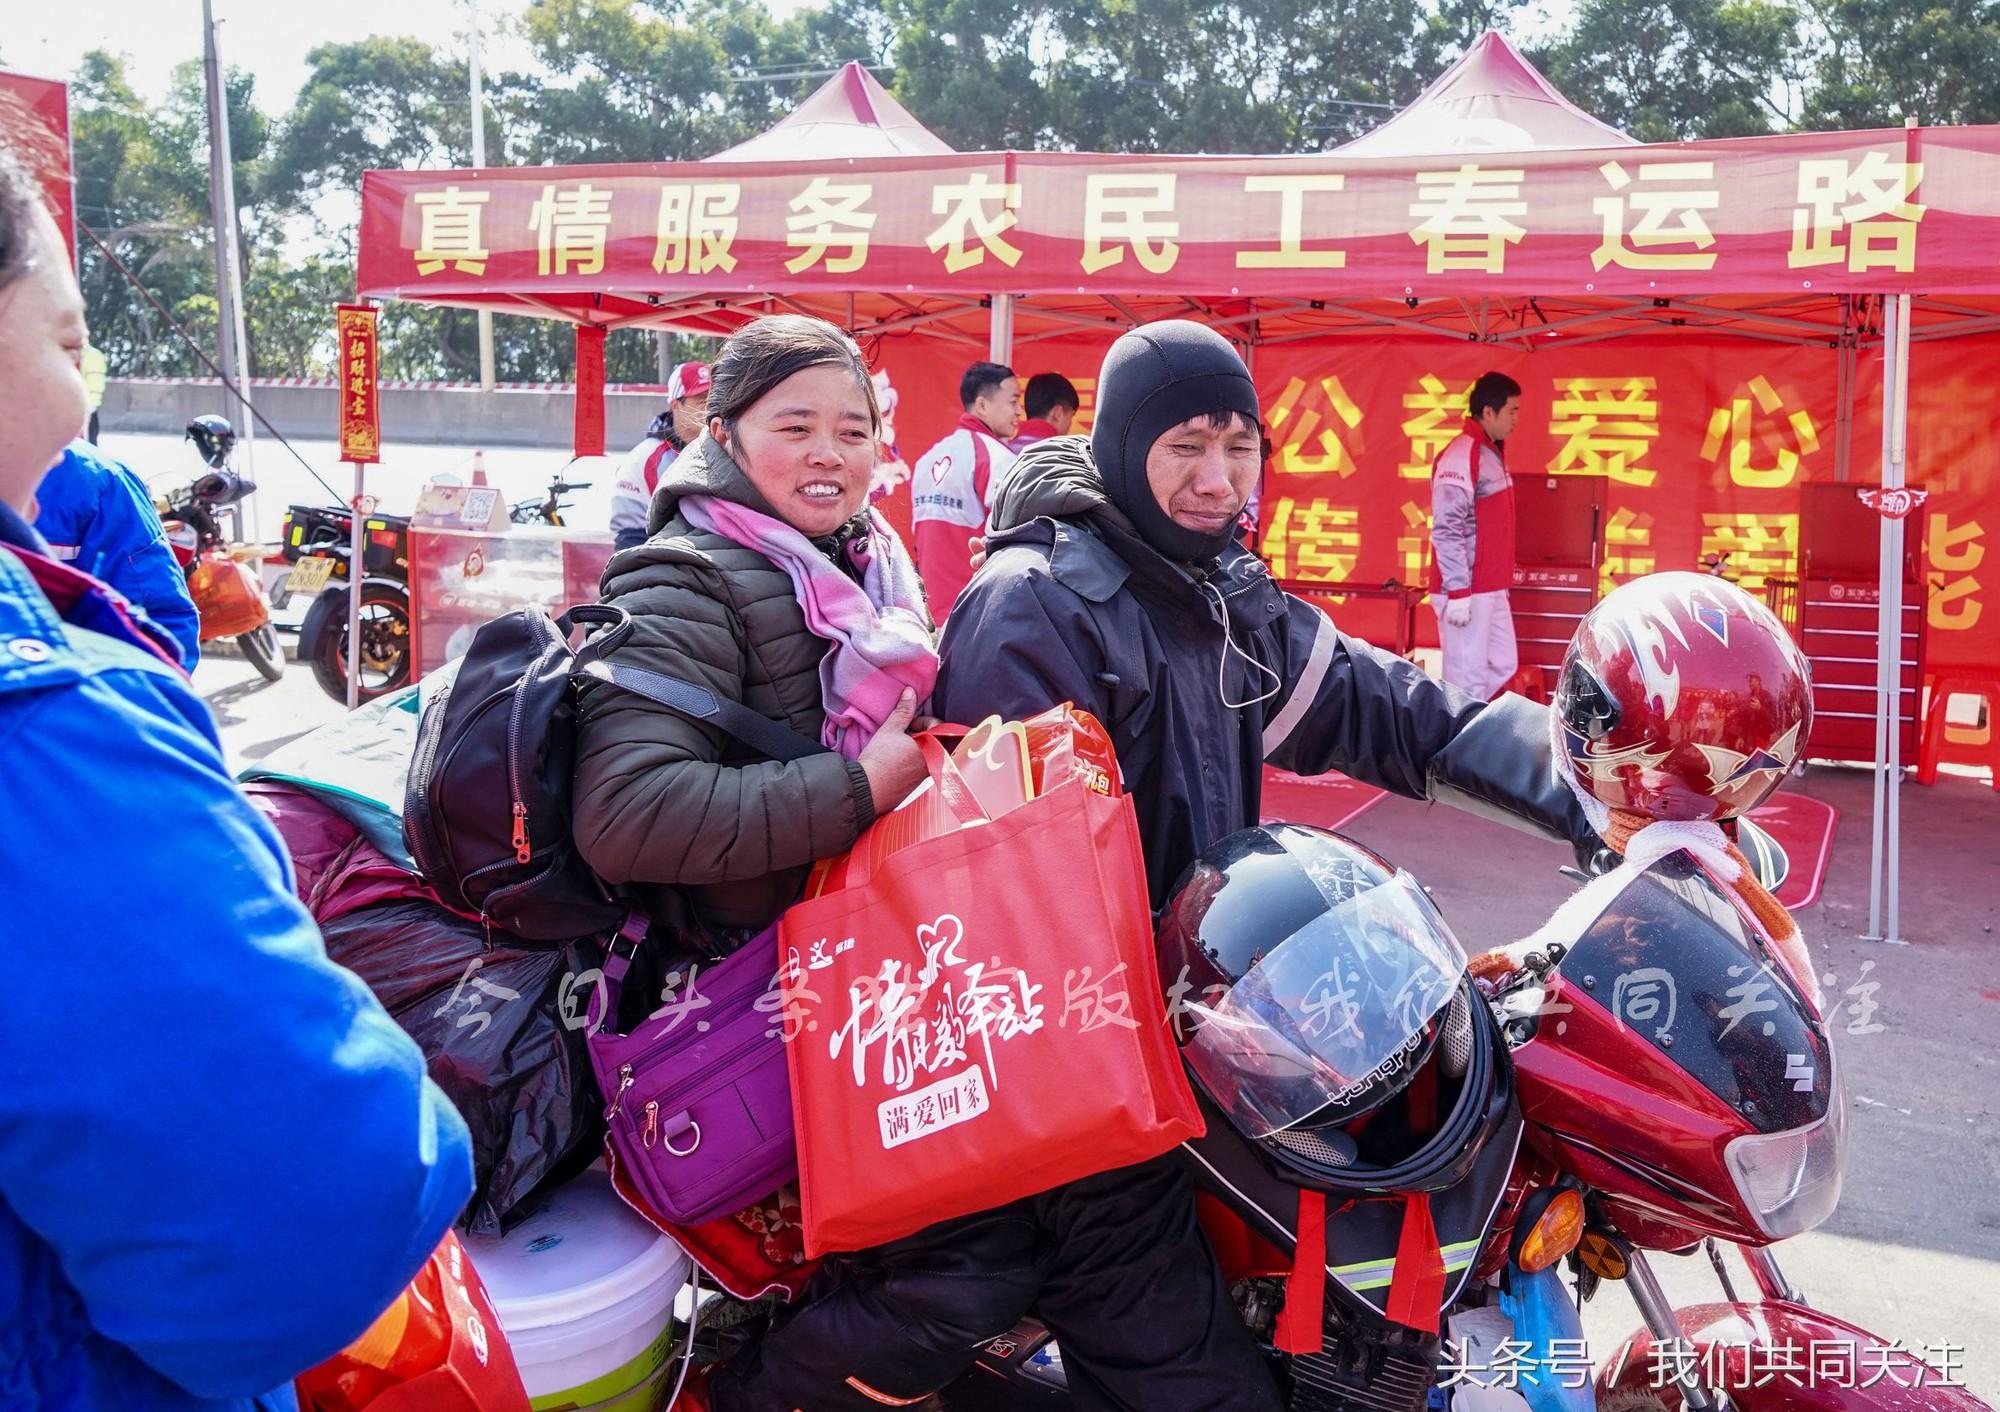 Ngán ngẩm cảnh đông đúc tại nhà xe bến tàu, hàng chục nghìn người Trung Quốc phượt trăm km về quê ăn Tết - Ảnh 13.